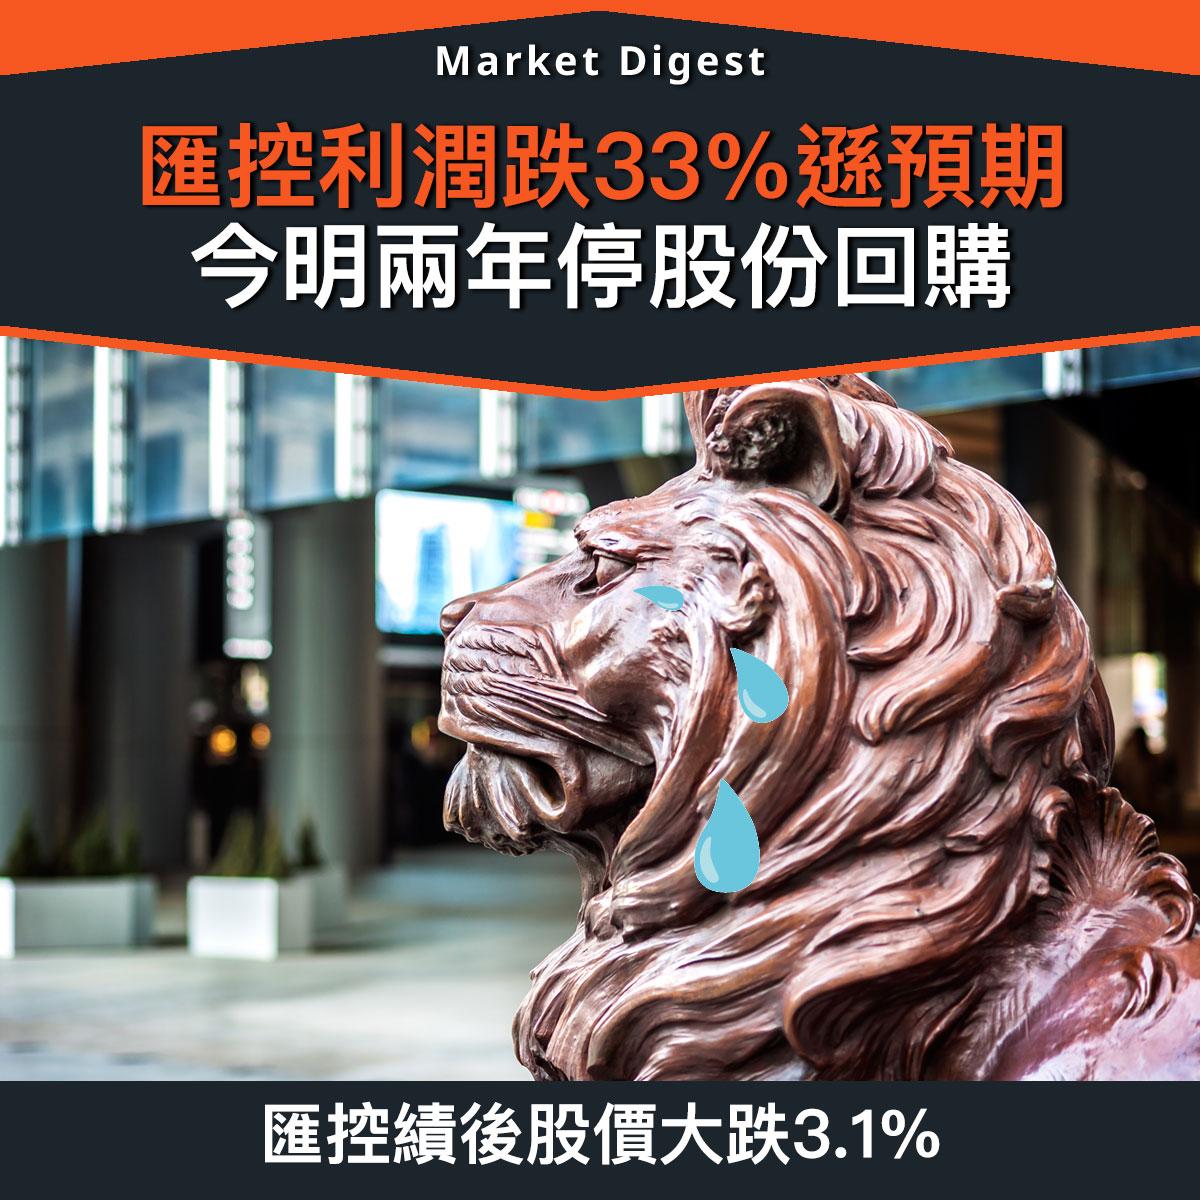 【市場熱話】匯控利潤跌33%遜預期,今明兩年停股份回購